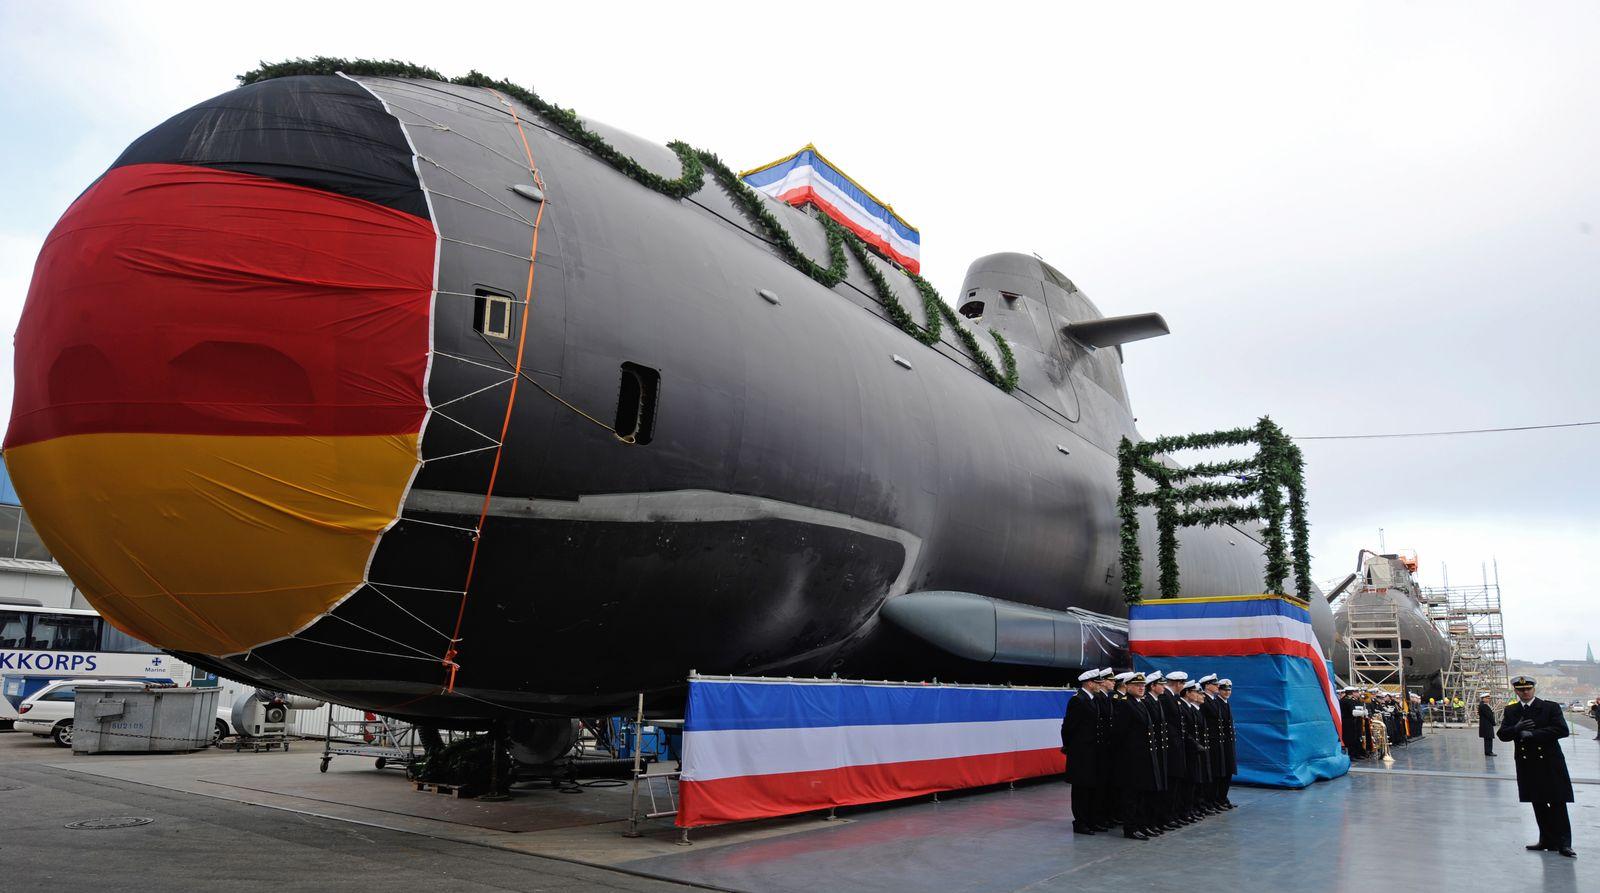 NICHT VERWENDEN Deutsche U-Boot HDW